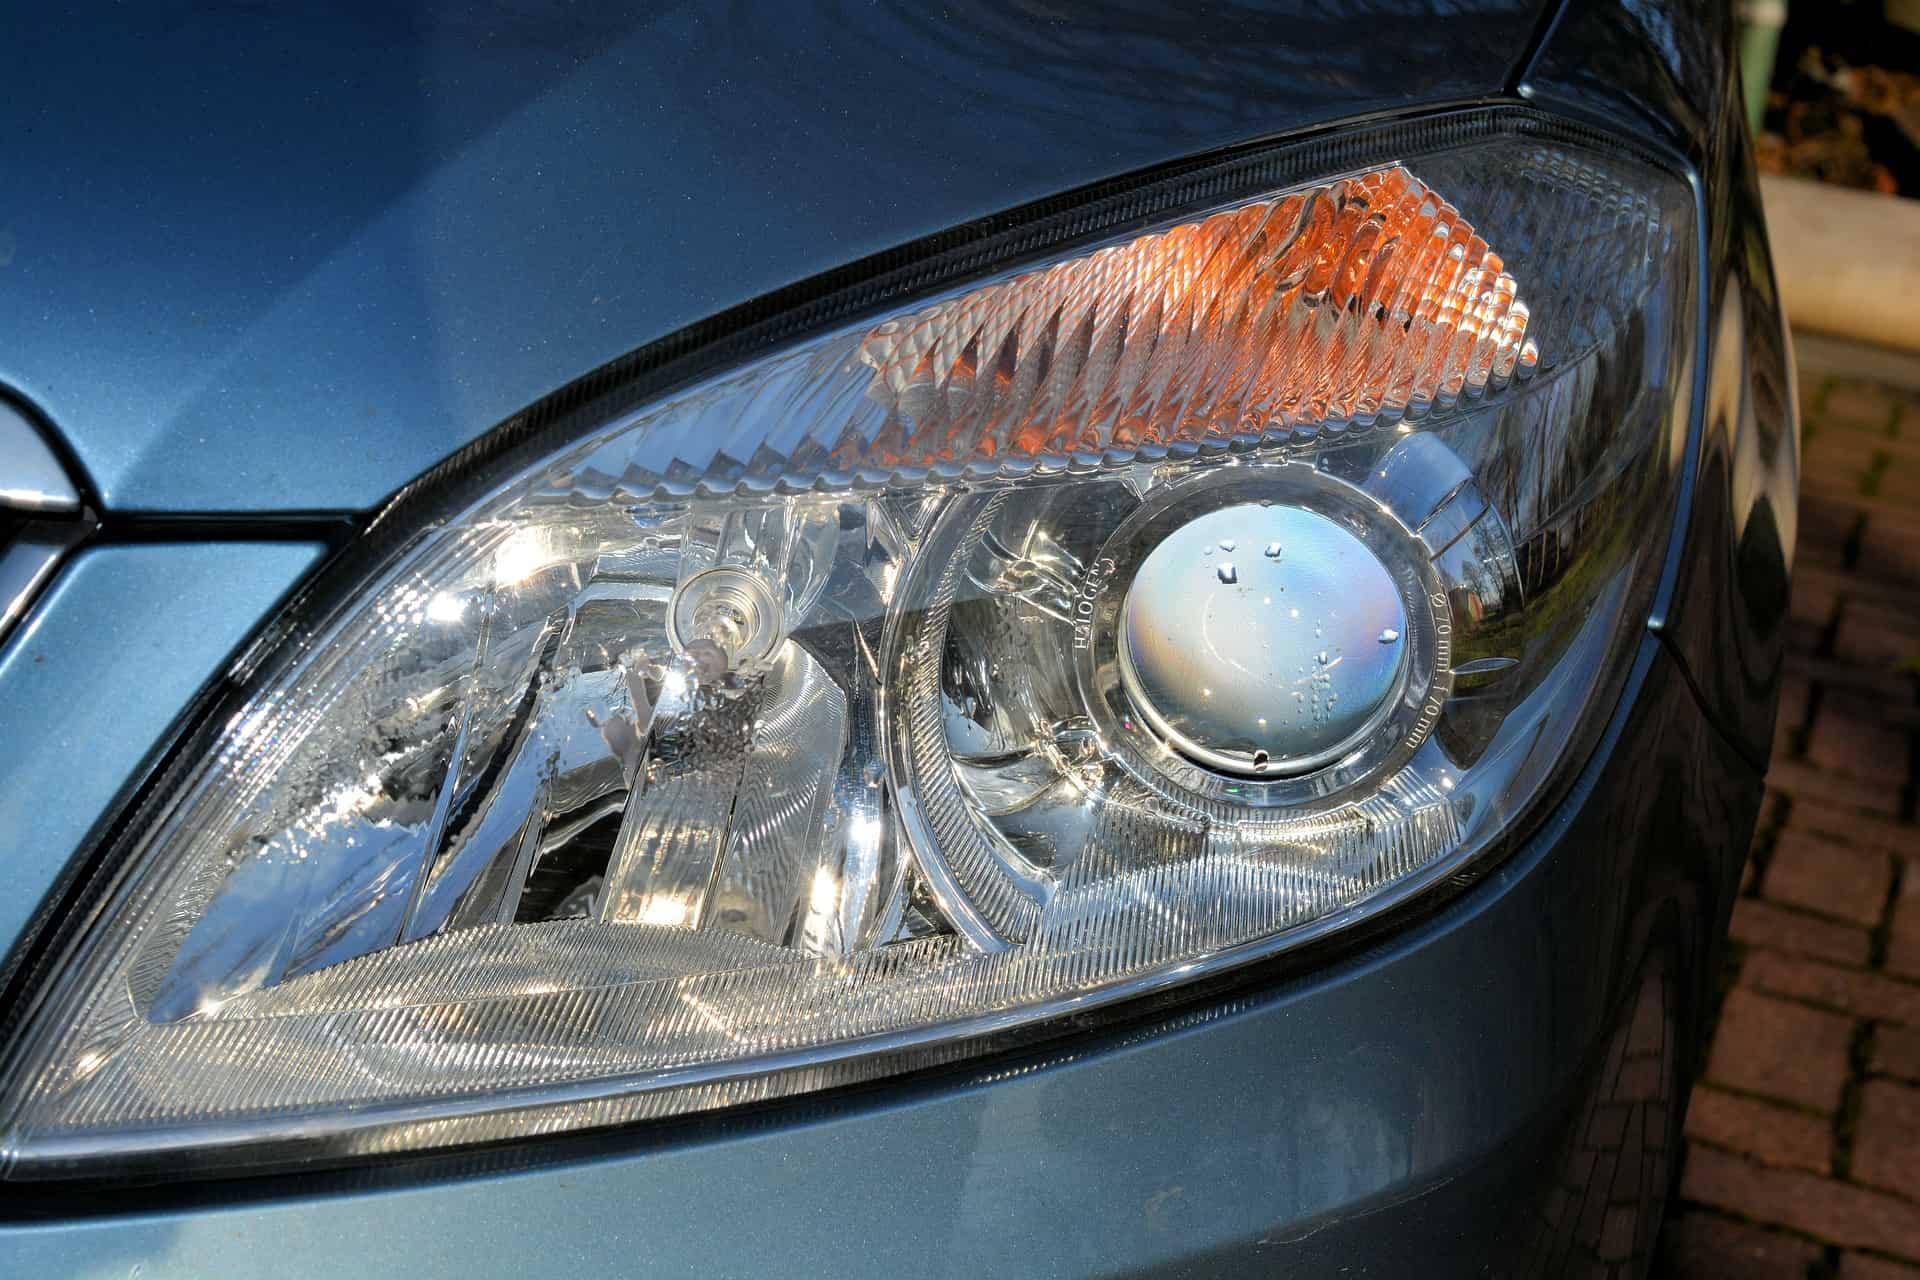 Lâmpada automotiva: Como escolher a melhor em 2020?